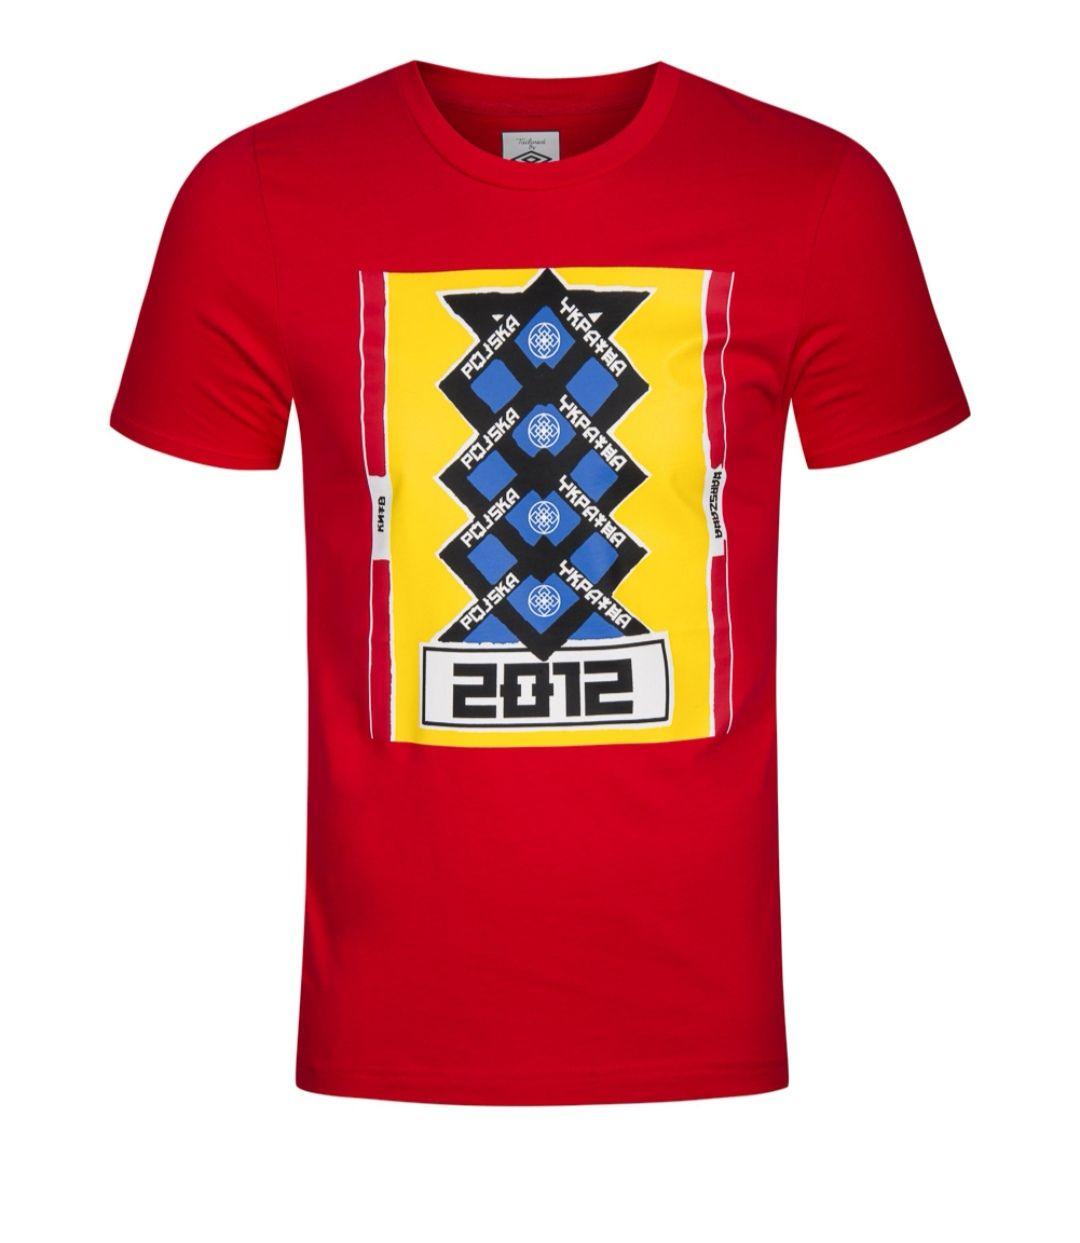 Tee shirt Graphique Umbro - Taille au choix (frais de port inclus)